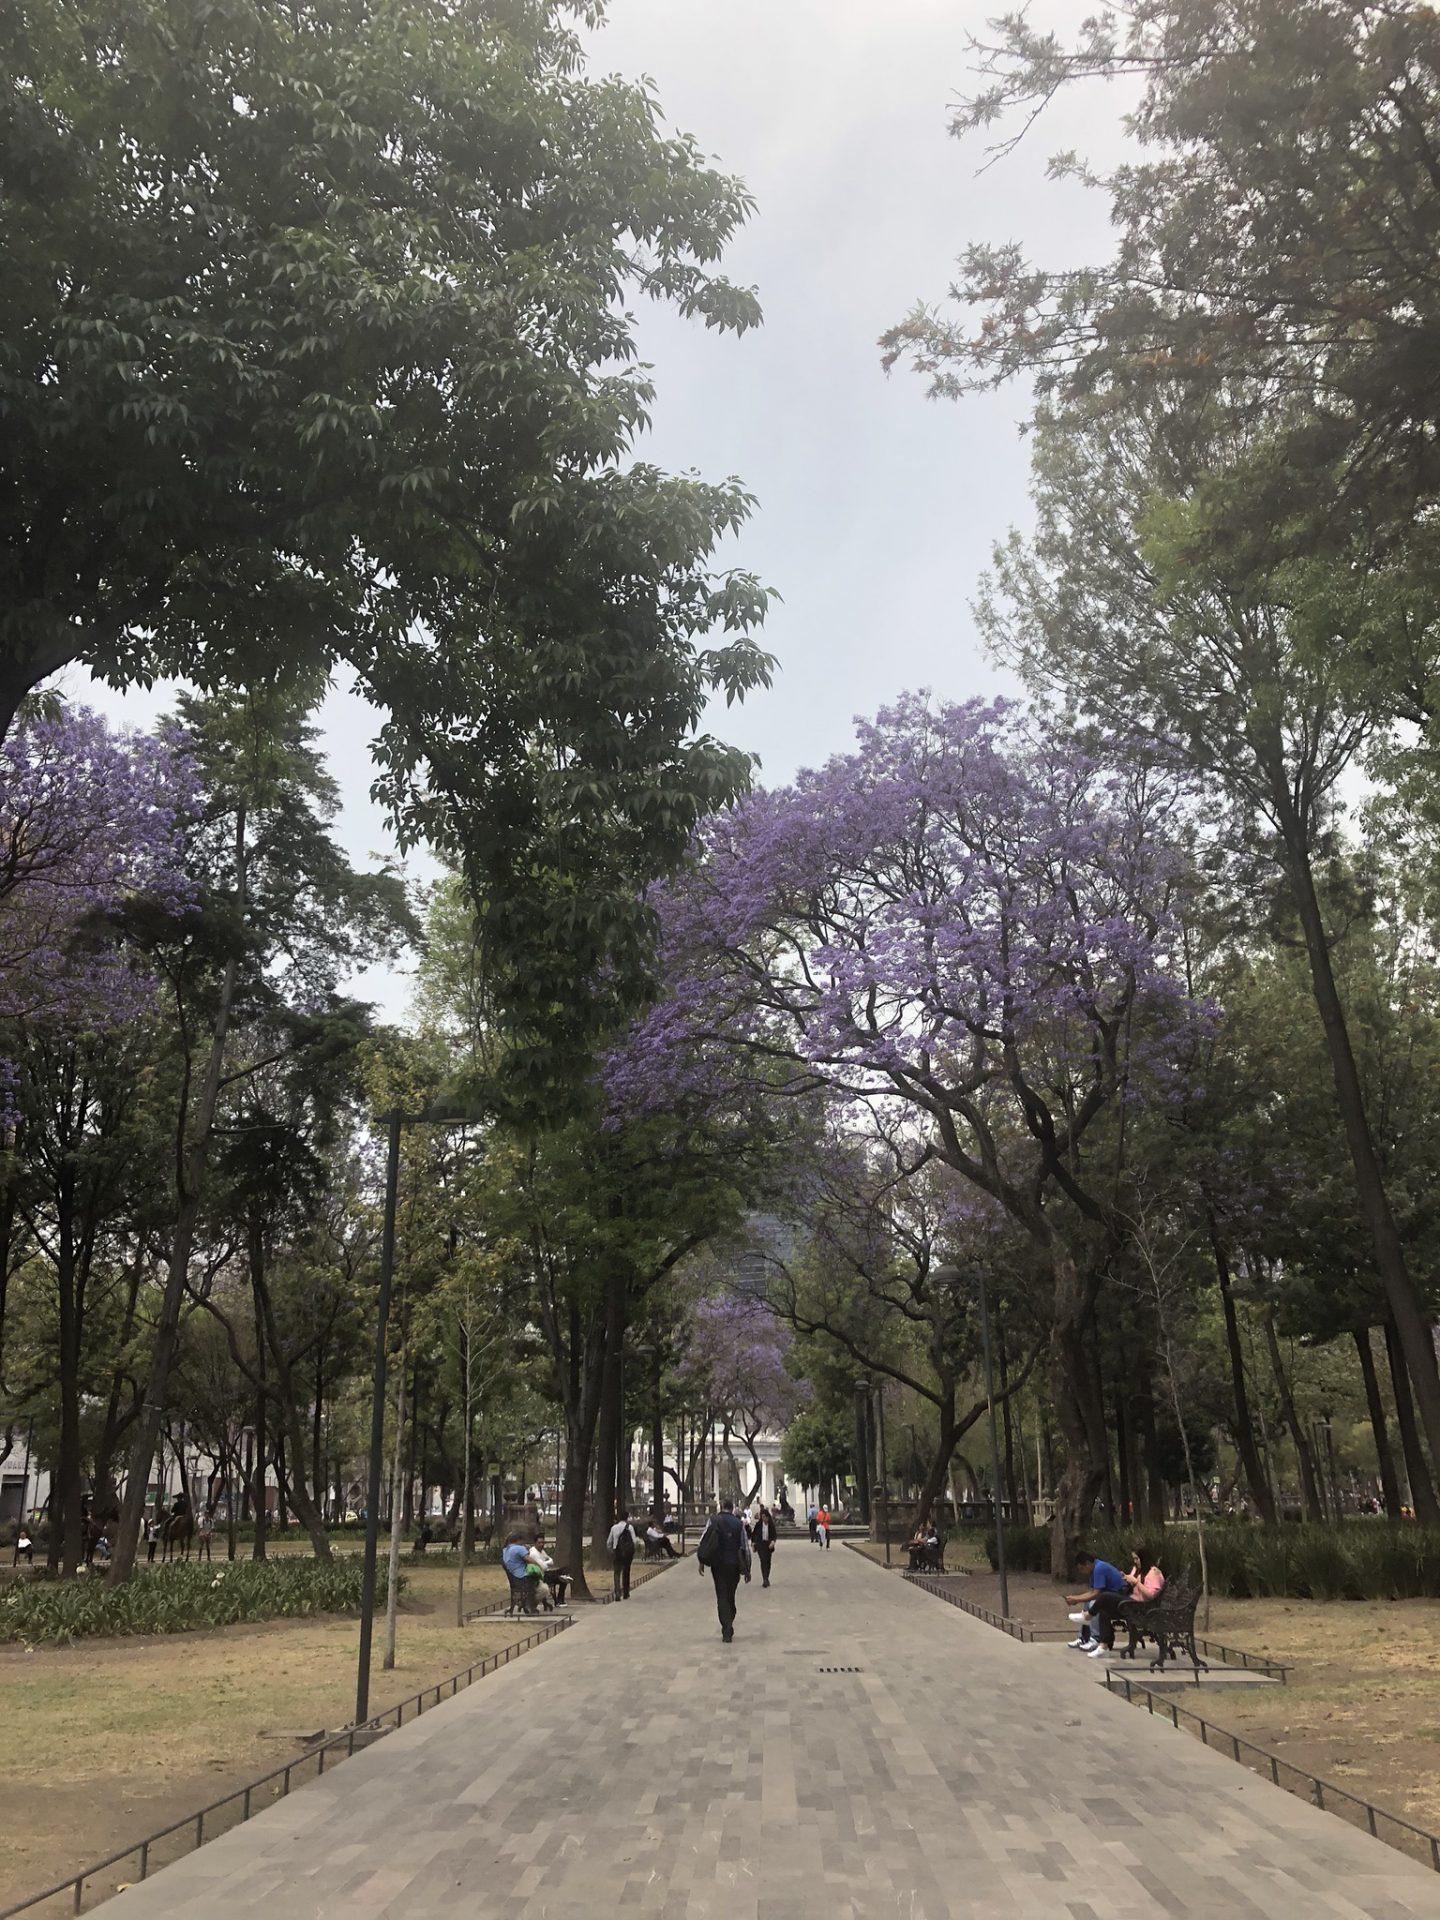 Park Alameda Central, Mexico City